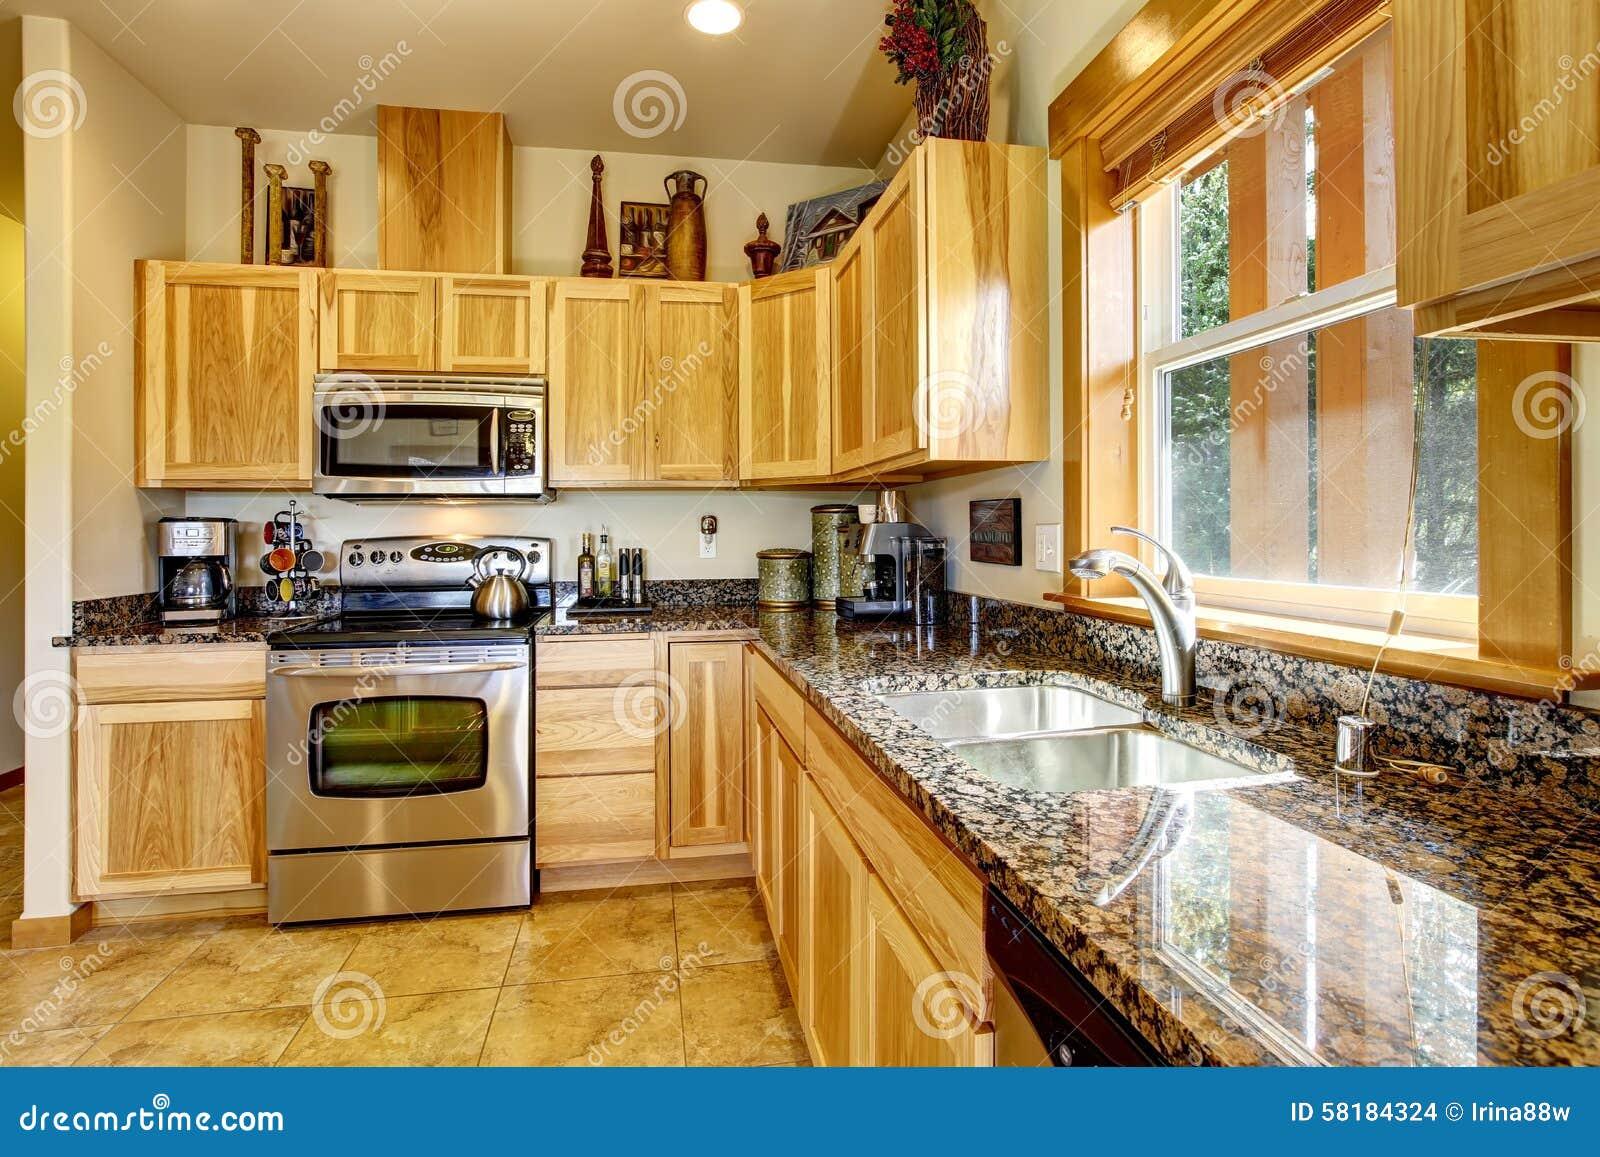 Tinteggiare casa colori di moda - Colori per cucina moderna ...